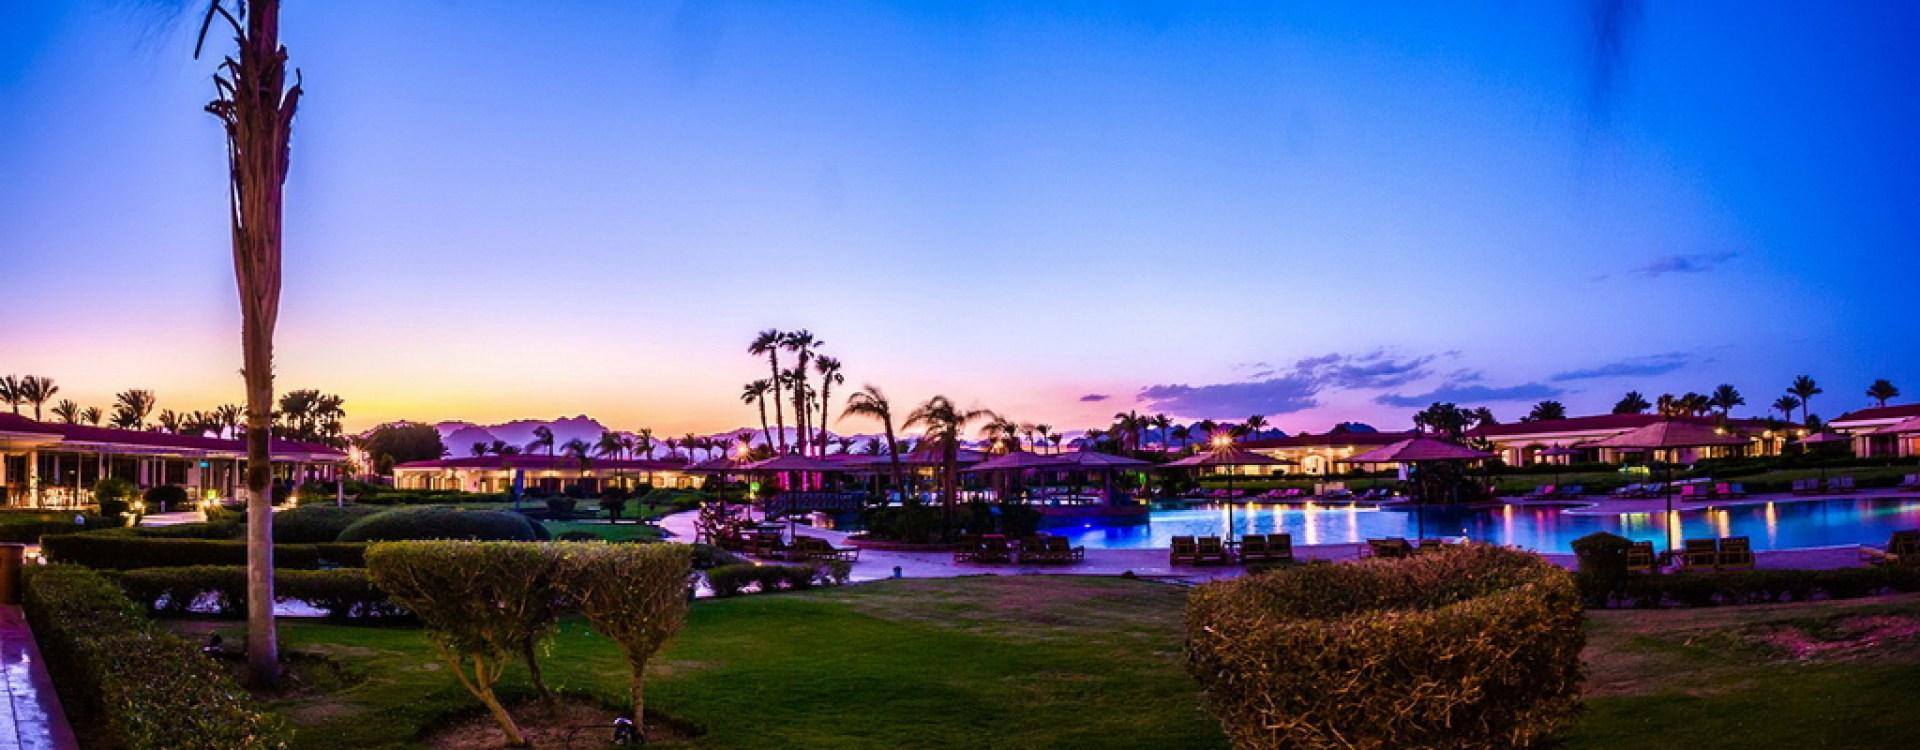 туры_в_отель_Martime_Jolie_Golf_&_Resort_5_60